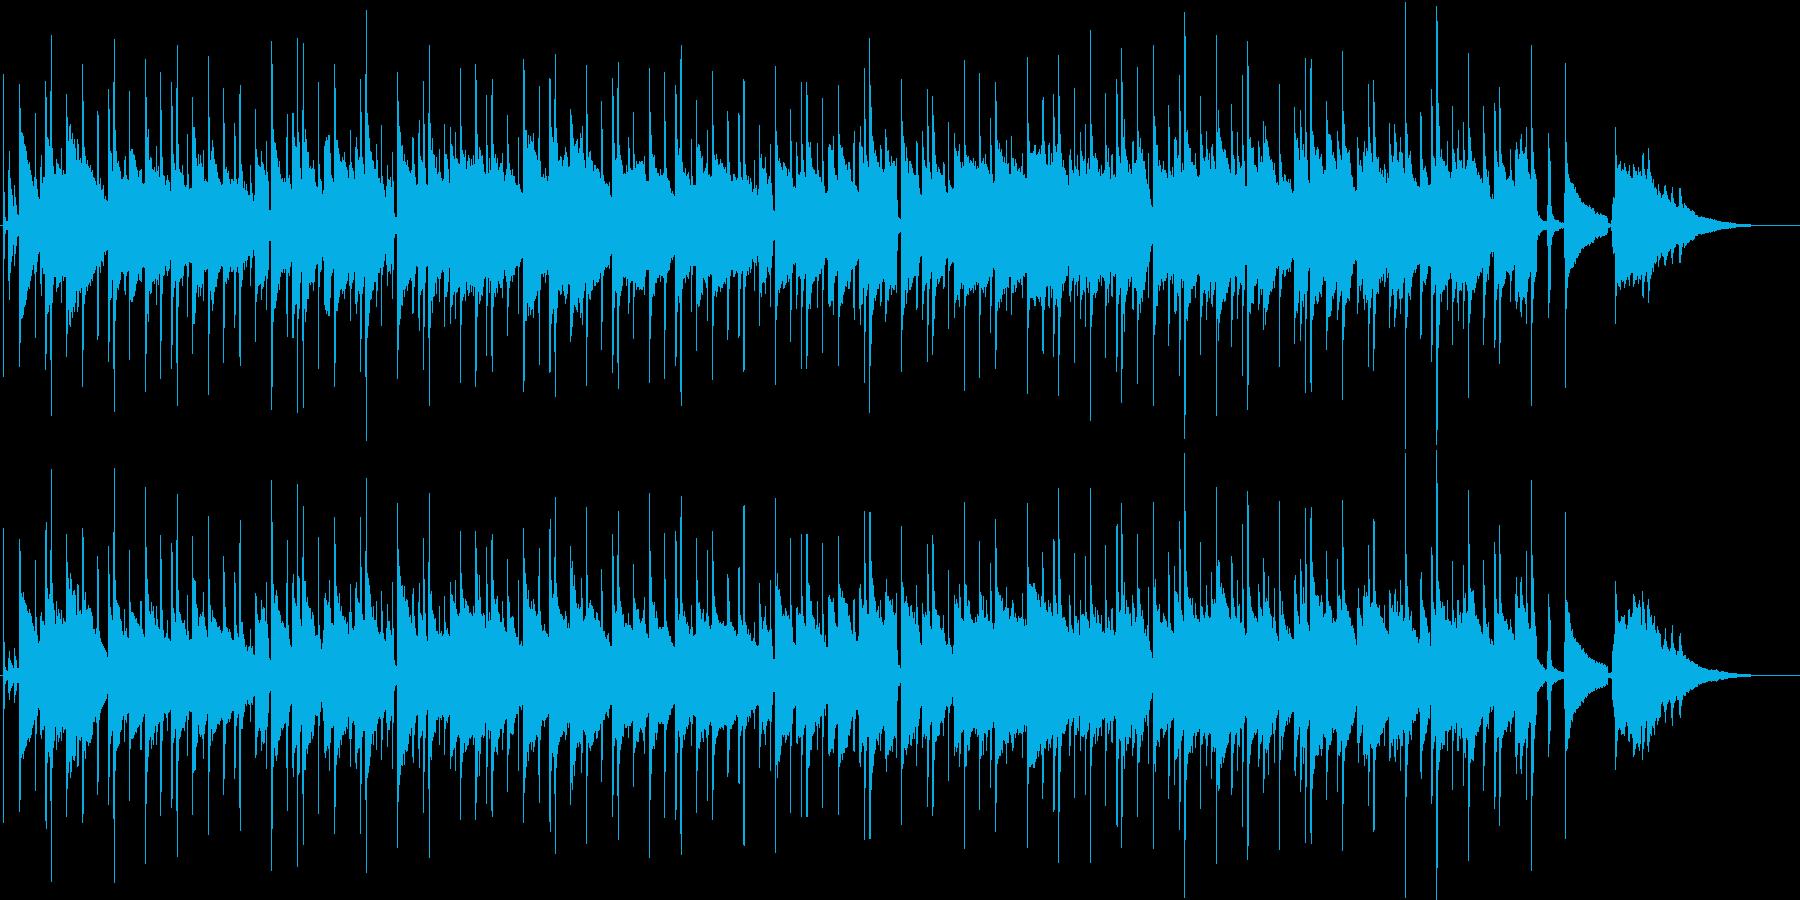 穏やかでさわやかなゆったりとしたBGMの再生済みの波形